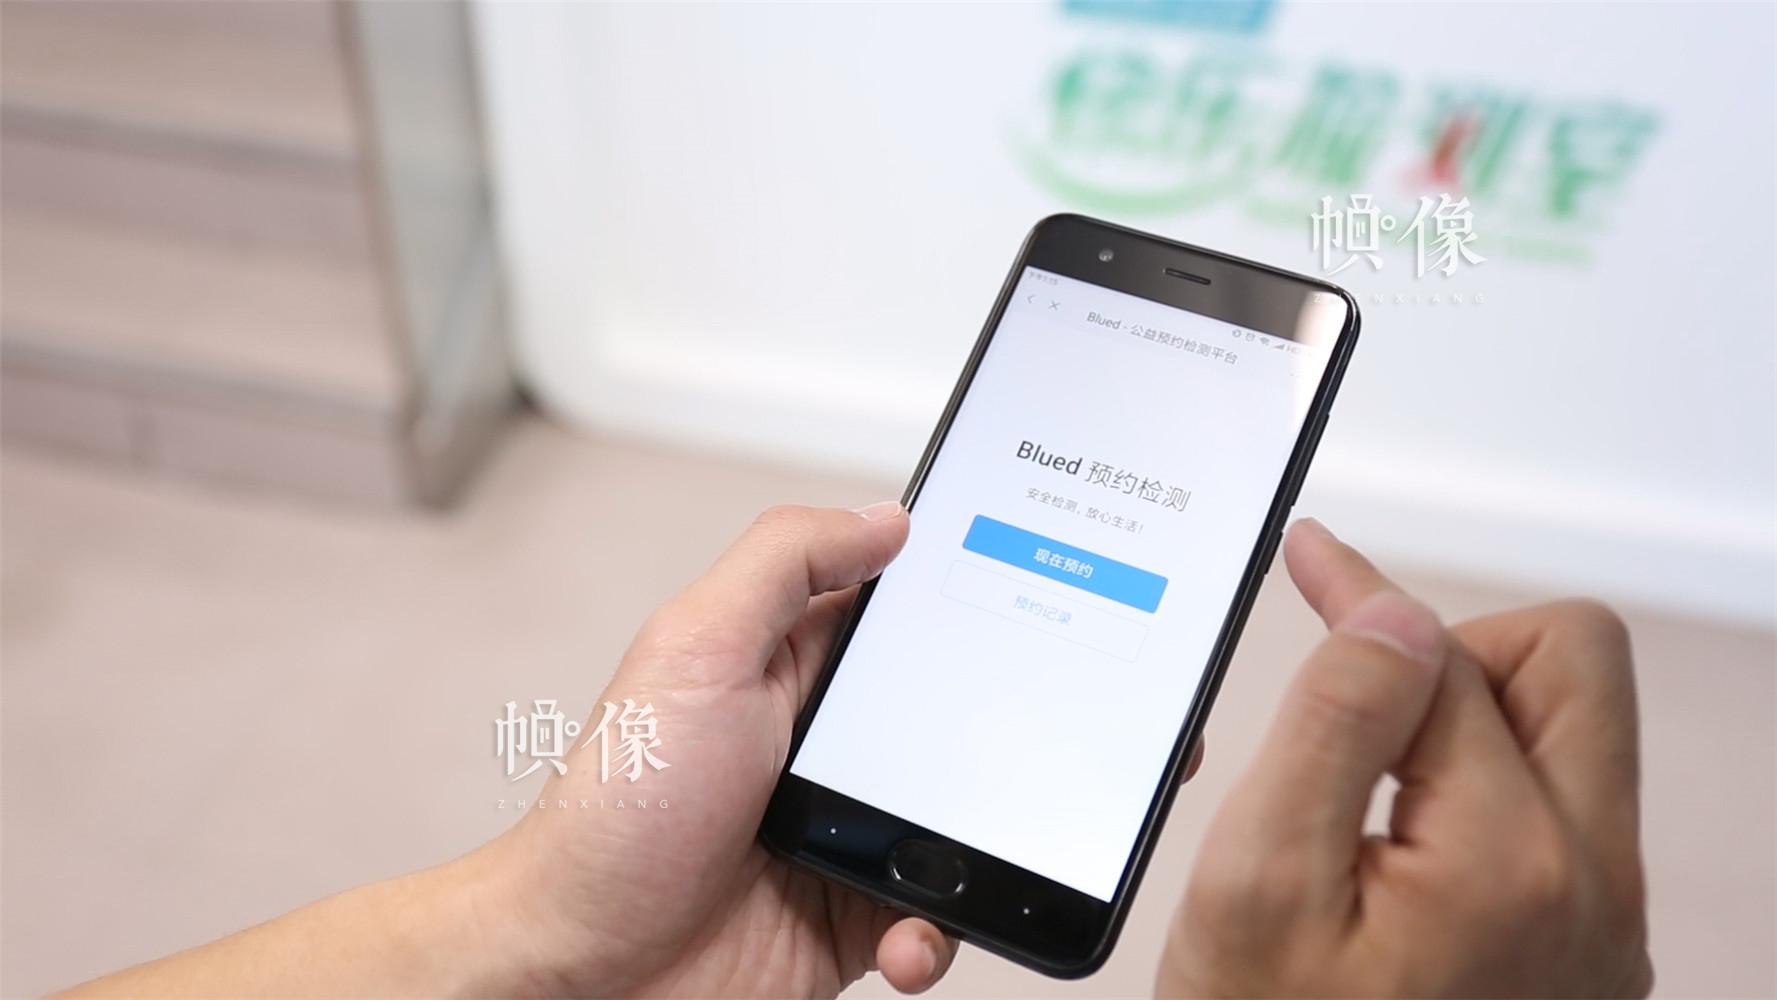 2017年11月22日,通过Blued软件进行艾滋病检测在线预约。中国网实习记者 钟佳玹 摄